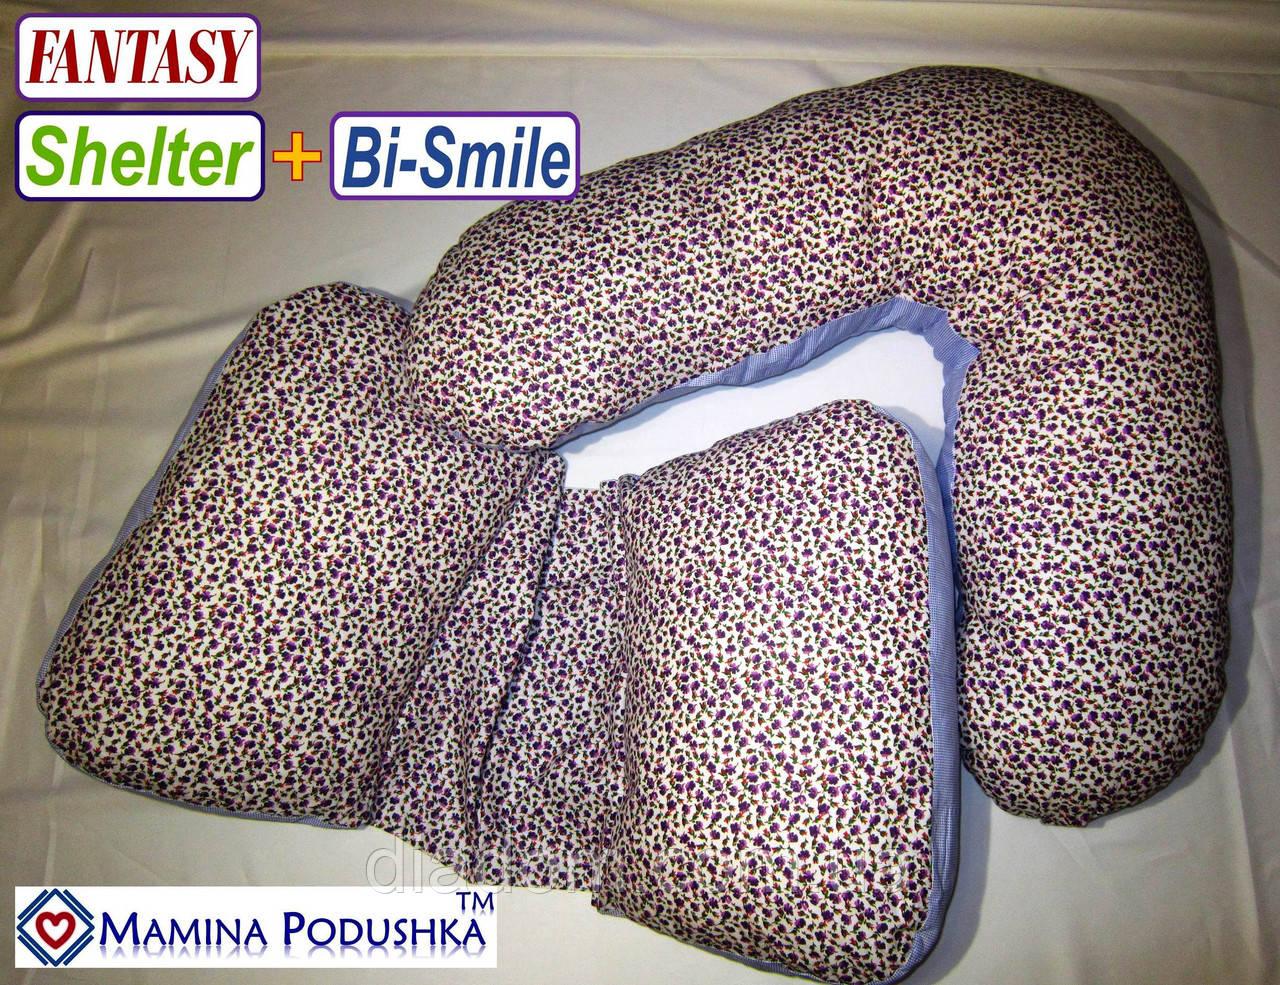 Комплект подушек Fantasy Shelter+Bi-Smile. Включены Наволочки 2-сторонние (Фиолетов.цветочки / Т.синие точки)